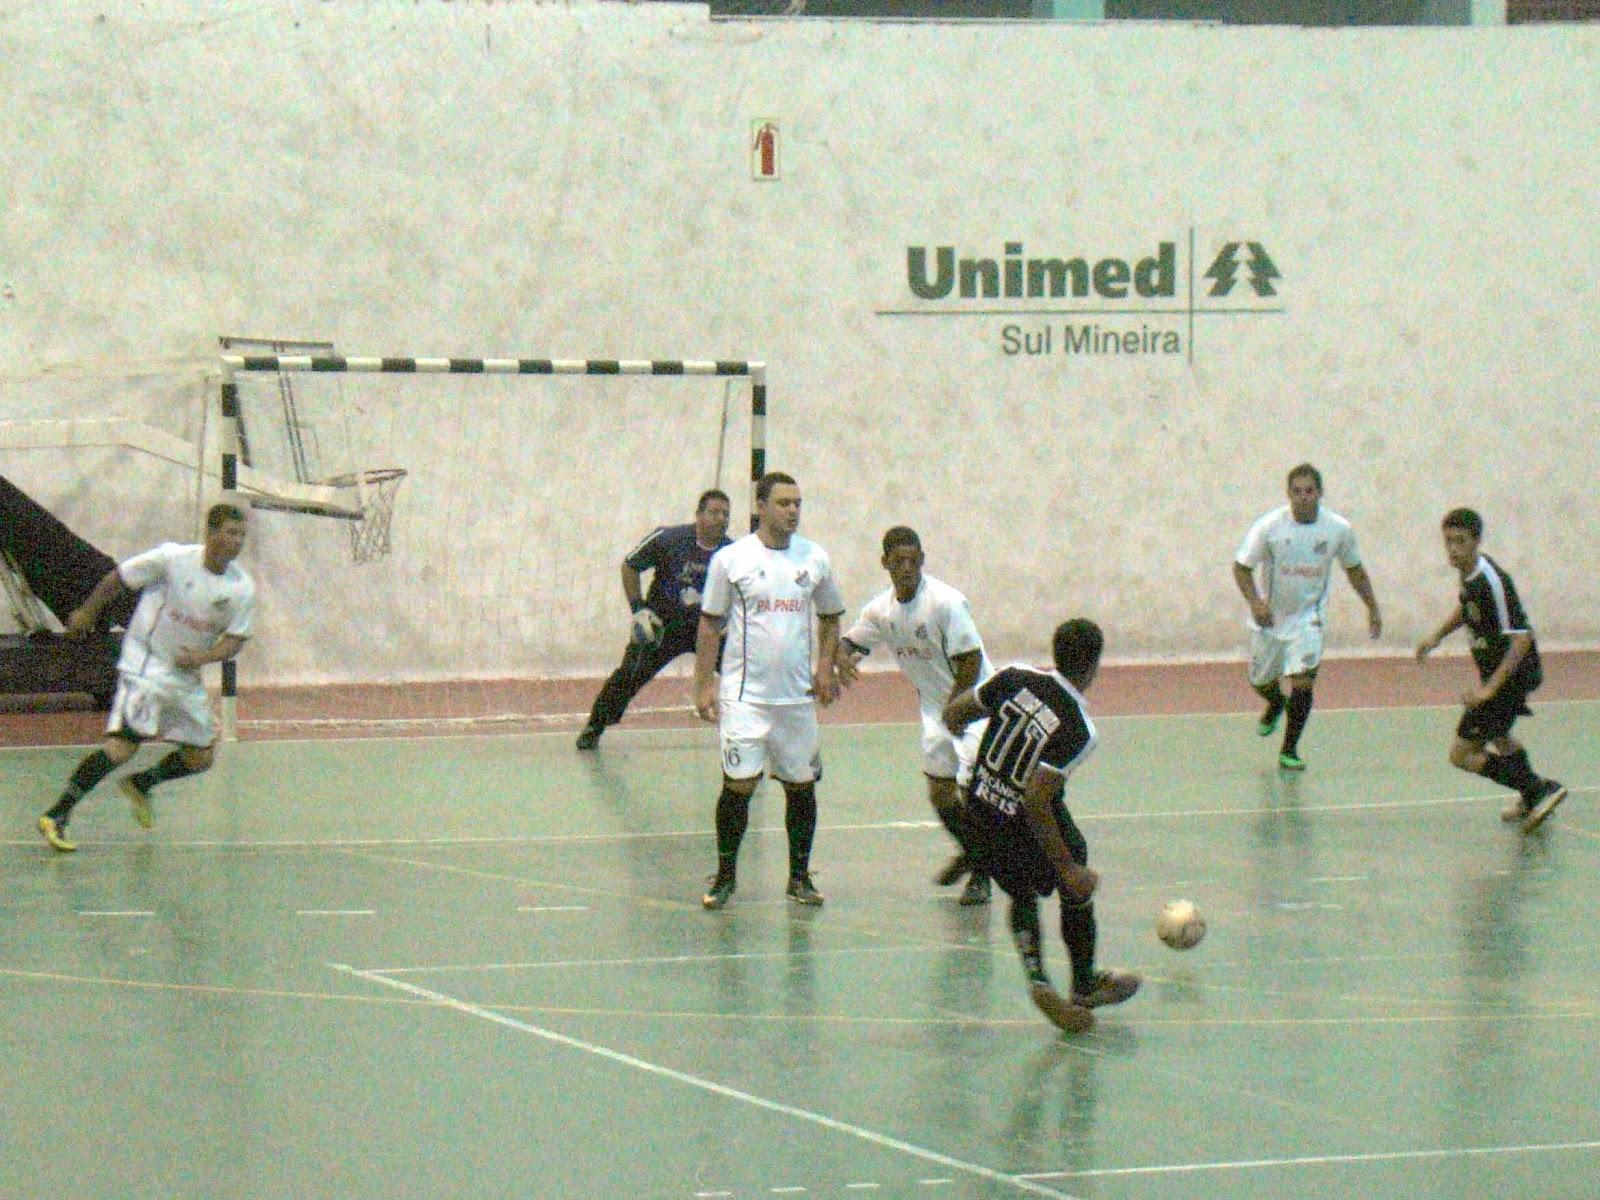 743d29b3ae Esporte Pouso Alegre  15 04 12 - 22 04 12